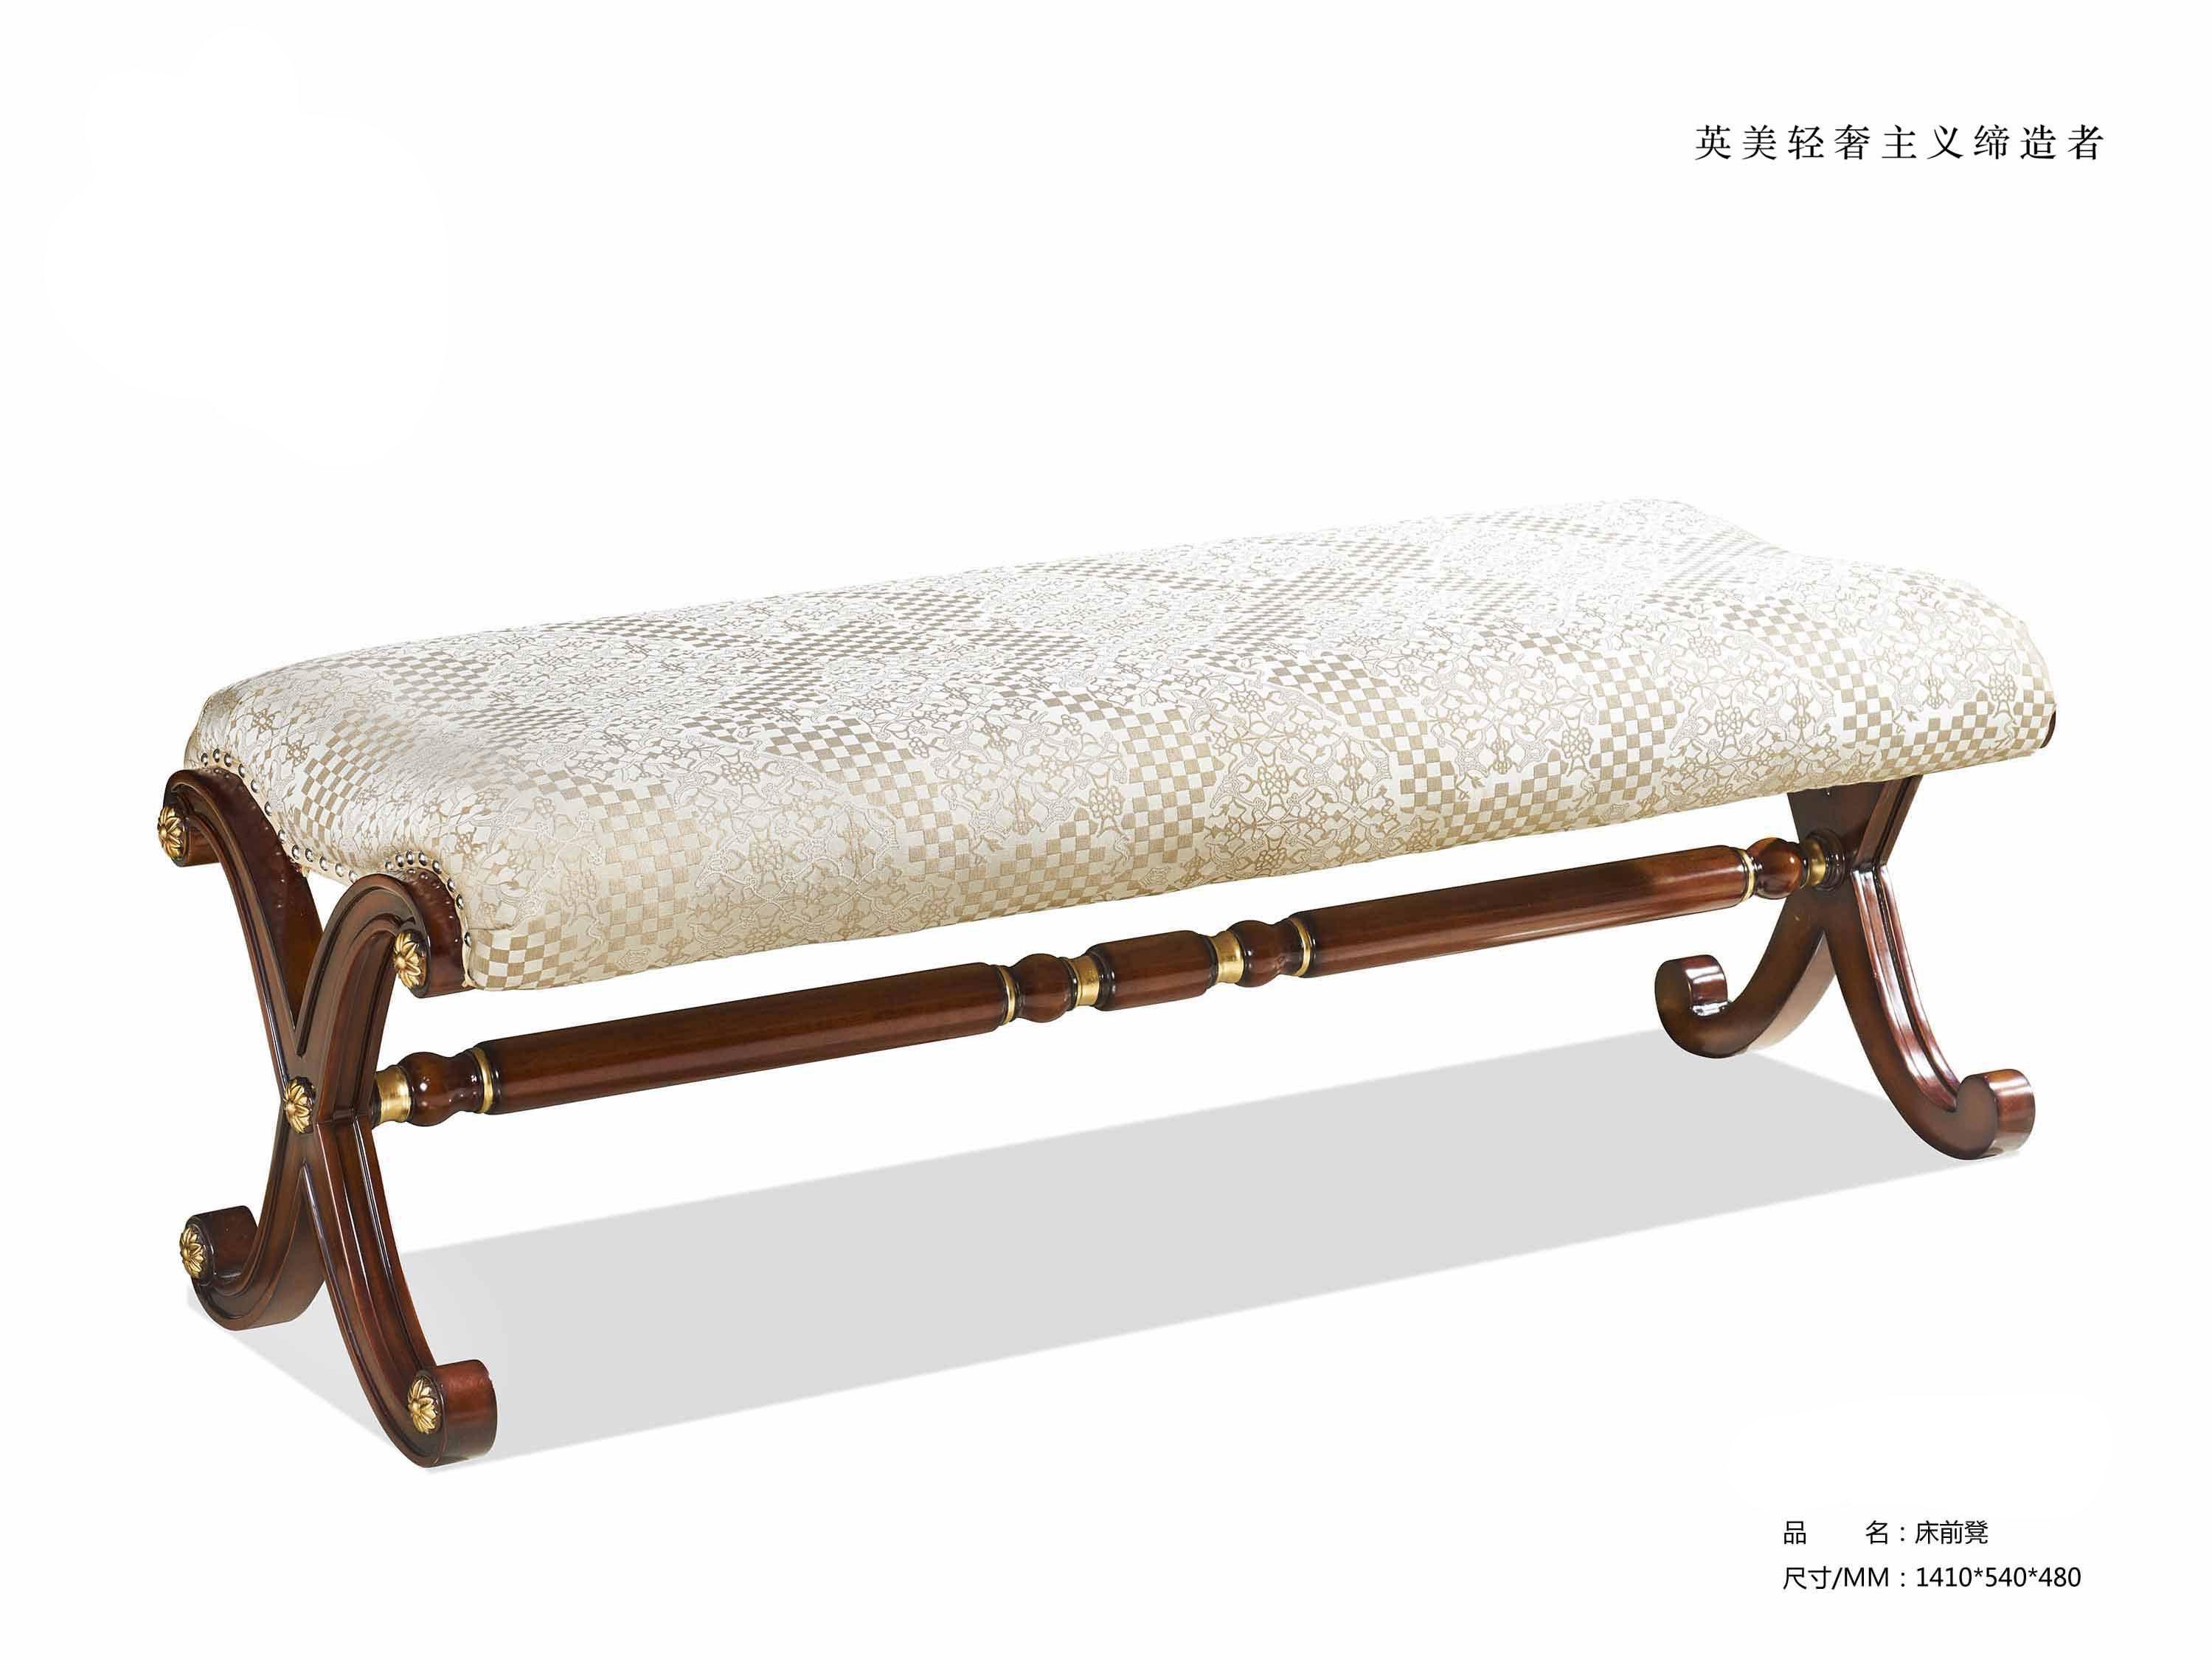 卧室实木布艺床尾凳矮凳换鞋凳脚凳